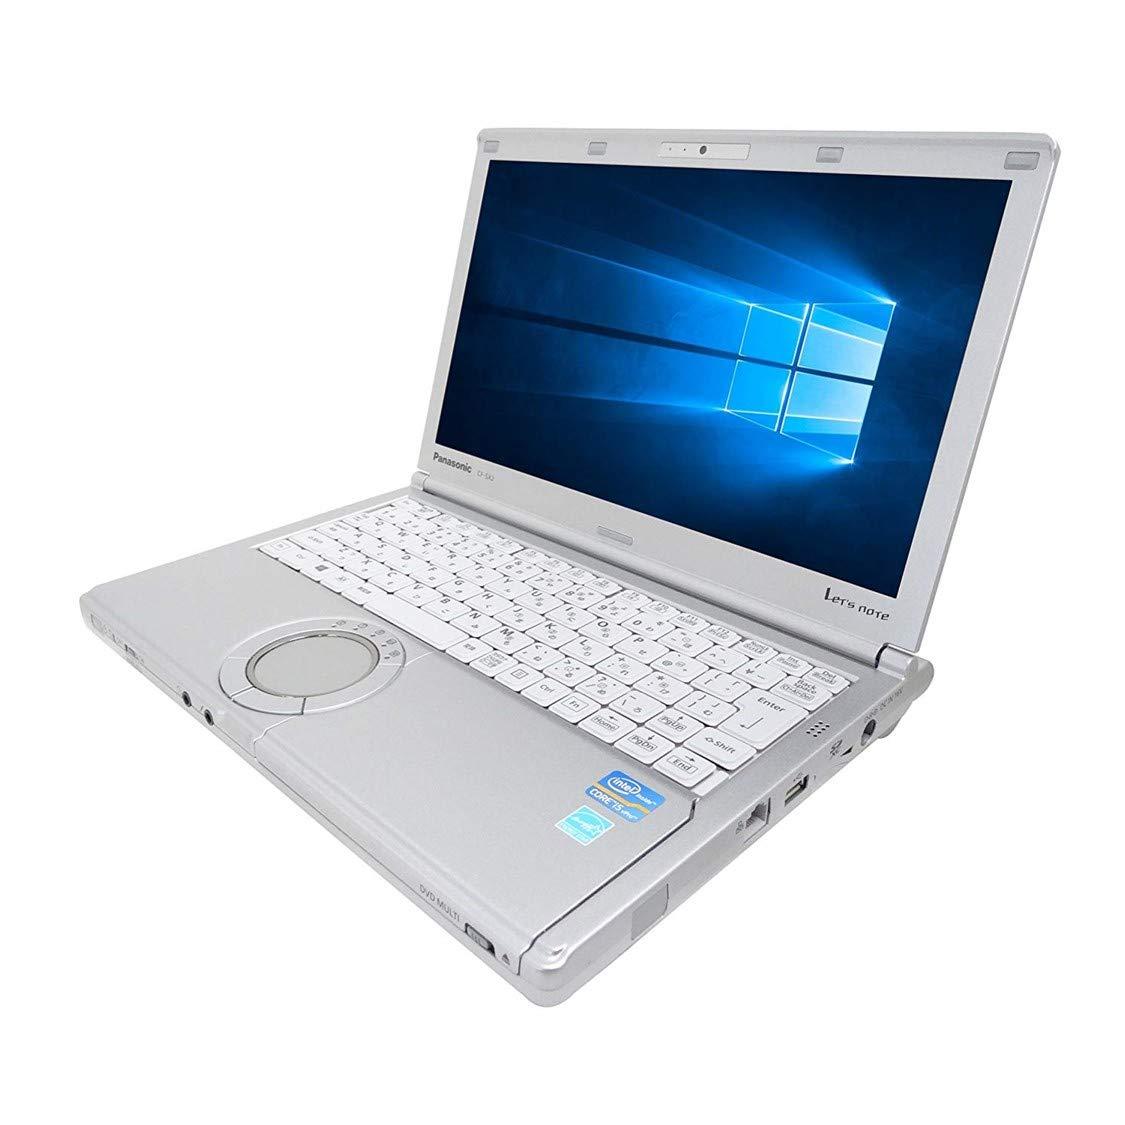 完璧 【Microsoft Office 2016搭載】【Win 2016搭載】【Win 10搭載】Panasonic CF-SX2 Office B07B47J8Q3/第三世代Core i5 2.5GHz/大容量メモリー8GB/新品SSD:240GB/DVDスーパーマルチ/12インチワイド液晶/無線搭載/HDMI/USB3.0/中古ノートパソコン (新品SSD:240GB) B07B47J8Q3 新品SSD:480GB 新品SSD:480GB, スマプロ:8e40ddc0 --- arbimovel.dominiotemporario.com